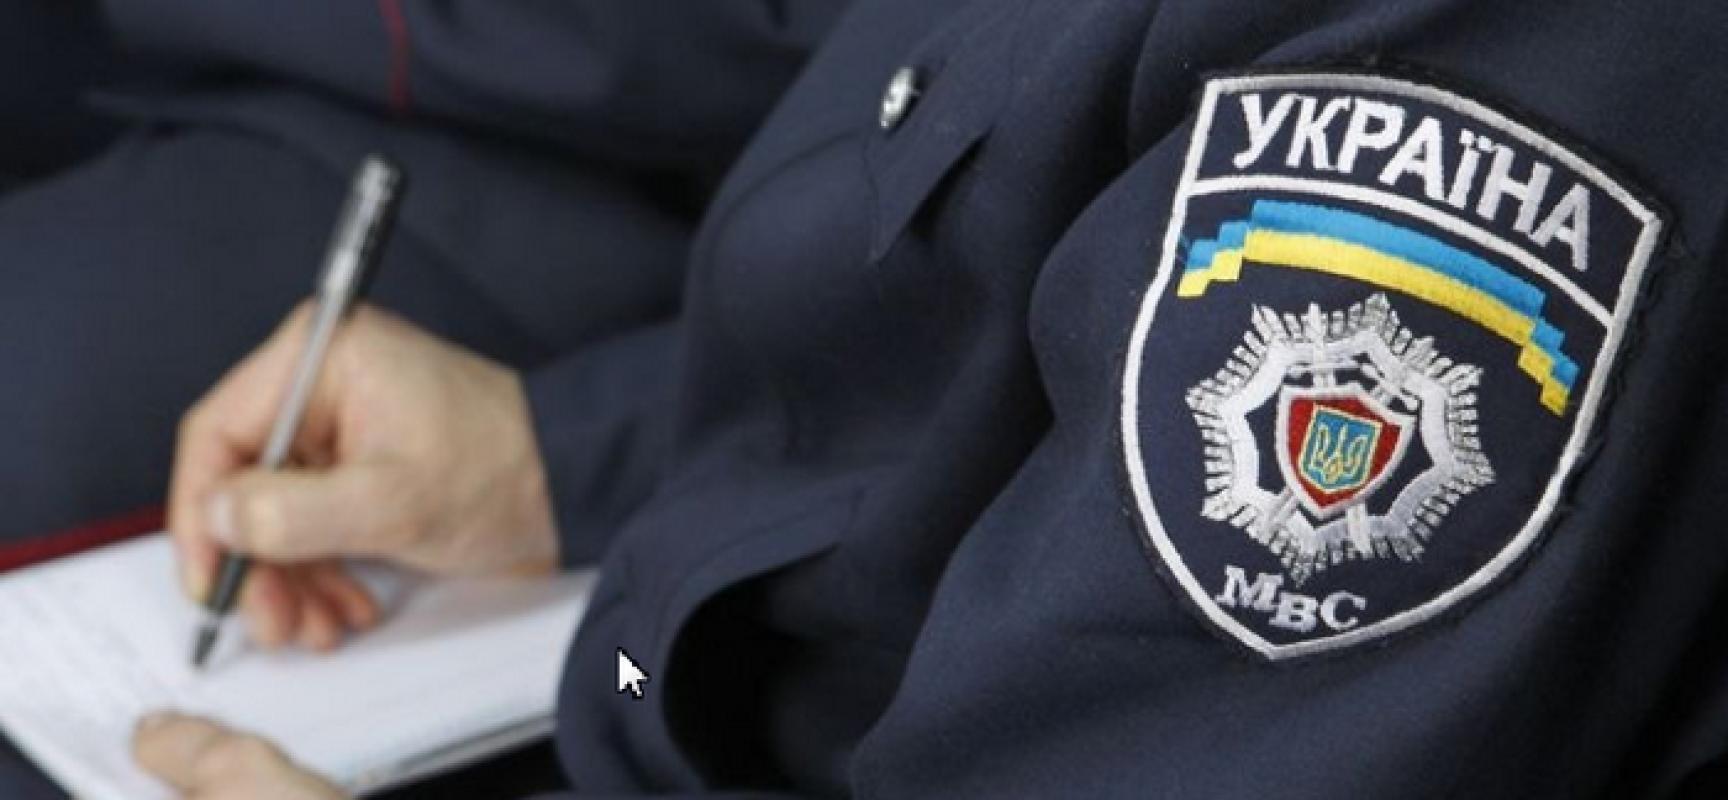 Львівські правоохоронці викрили групу інформаторів «ДНР»